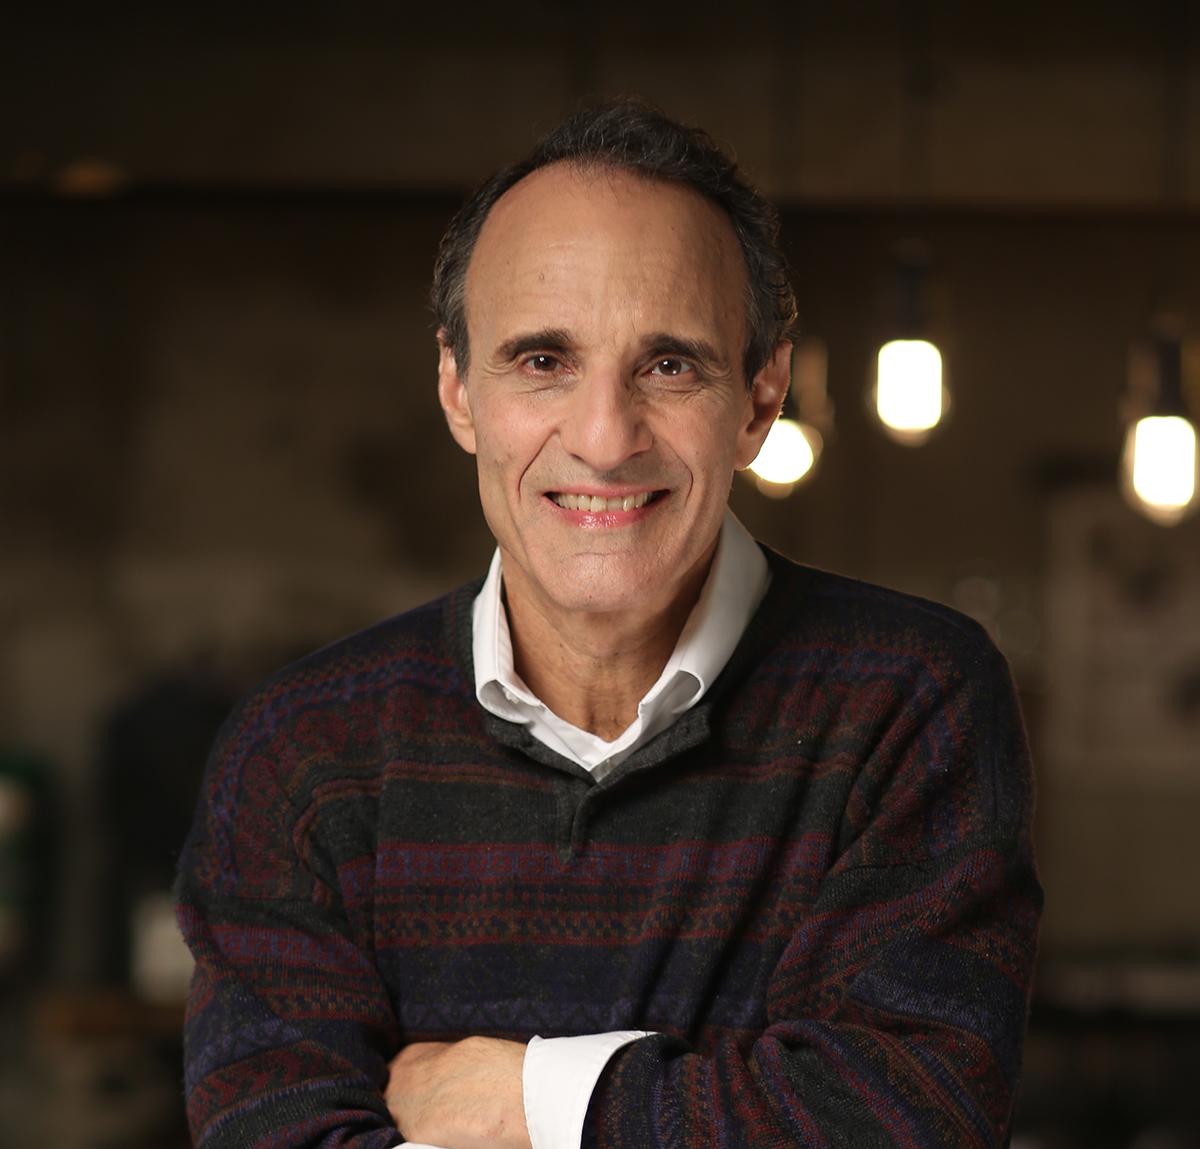 Prof. Paul Salerni